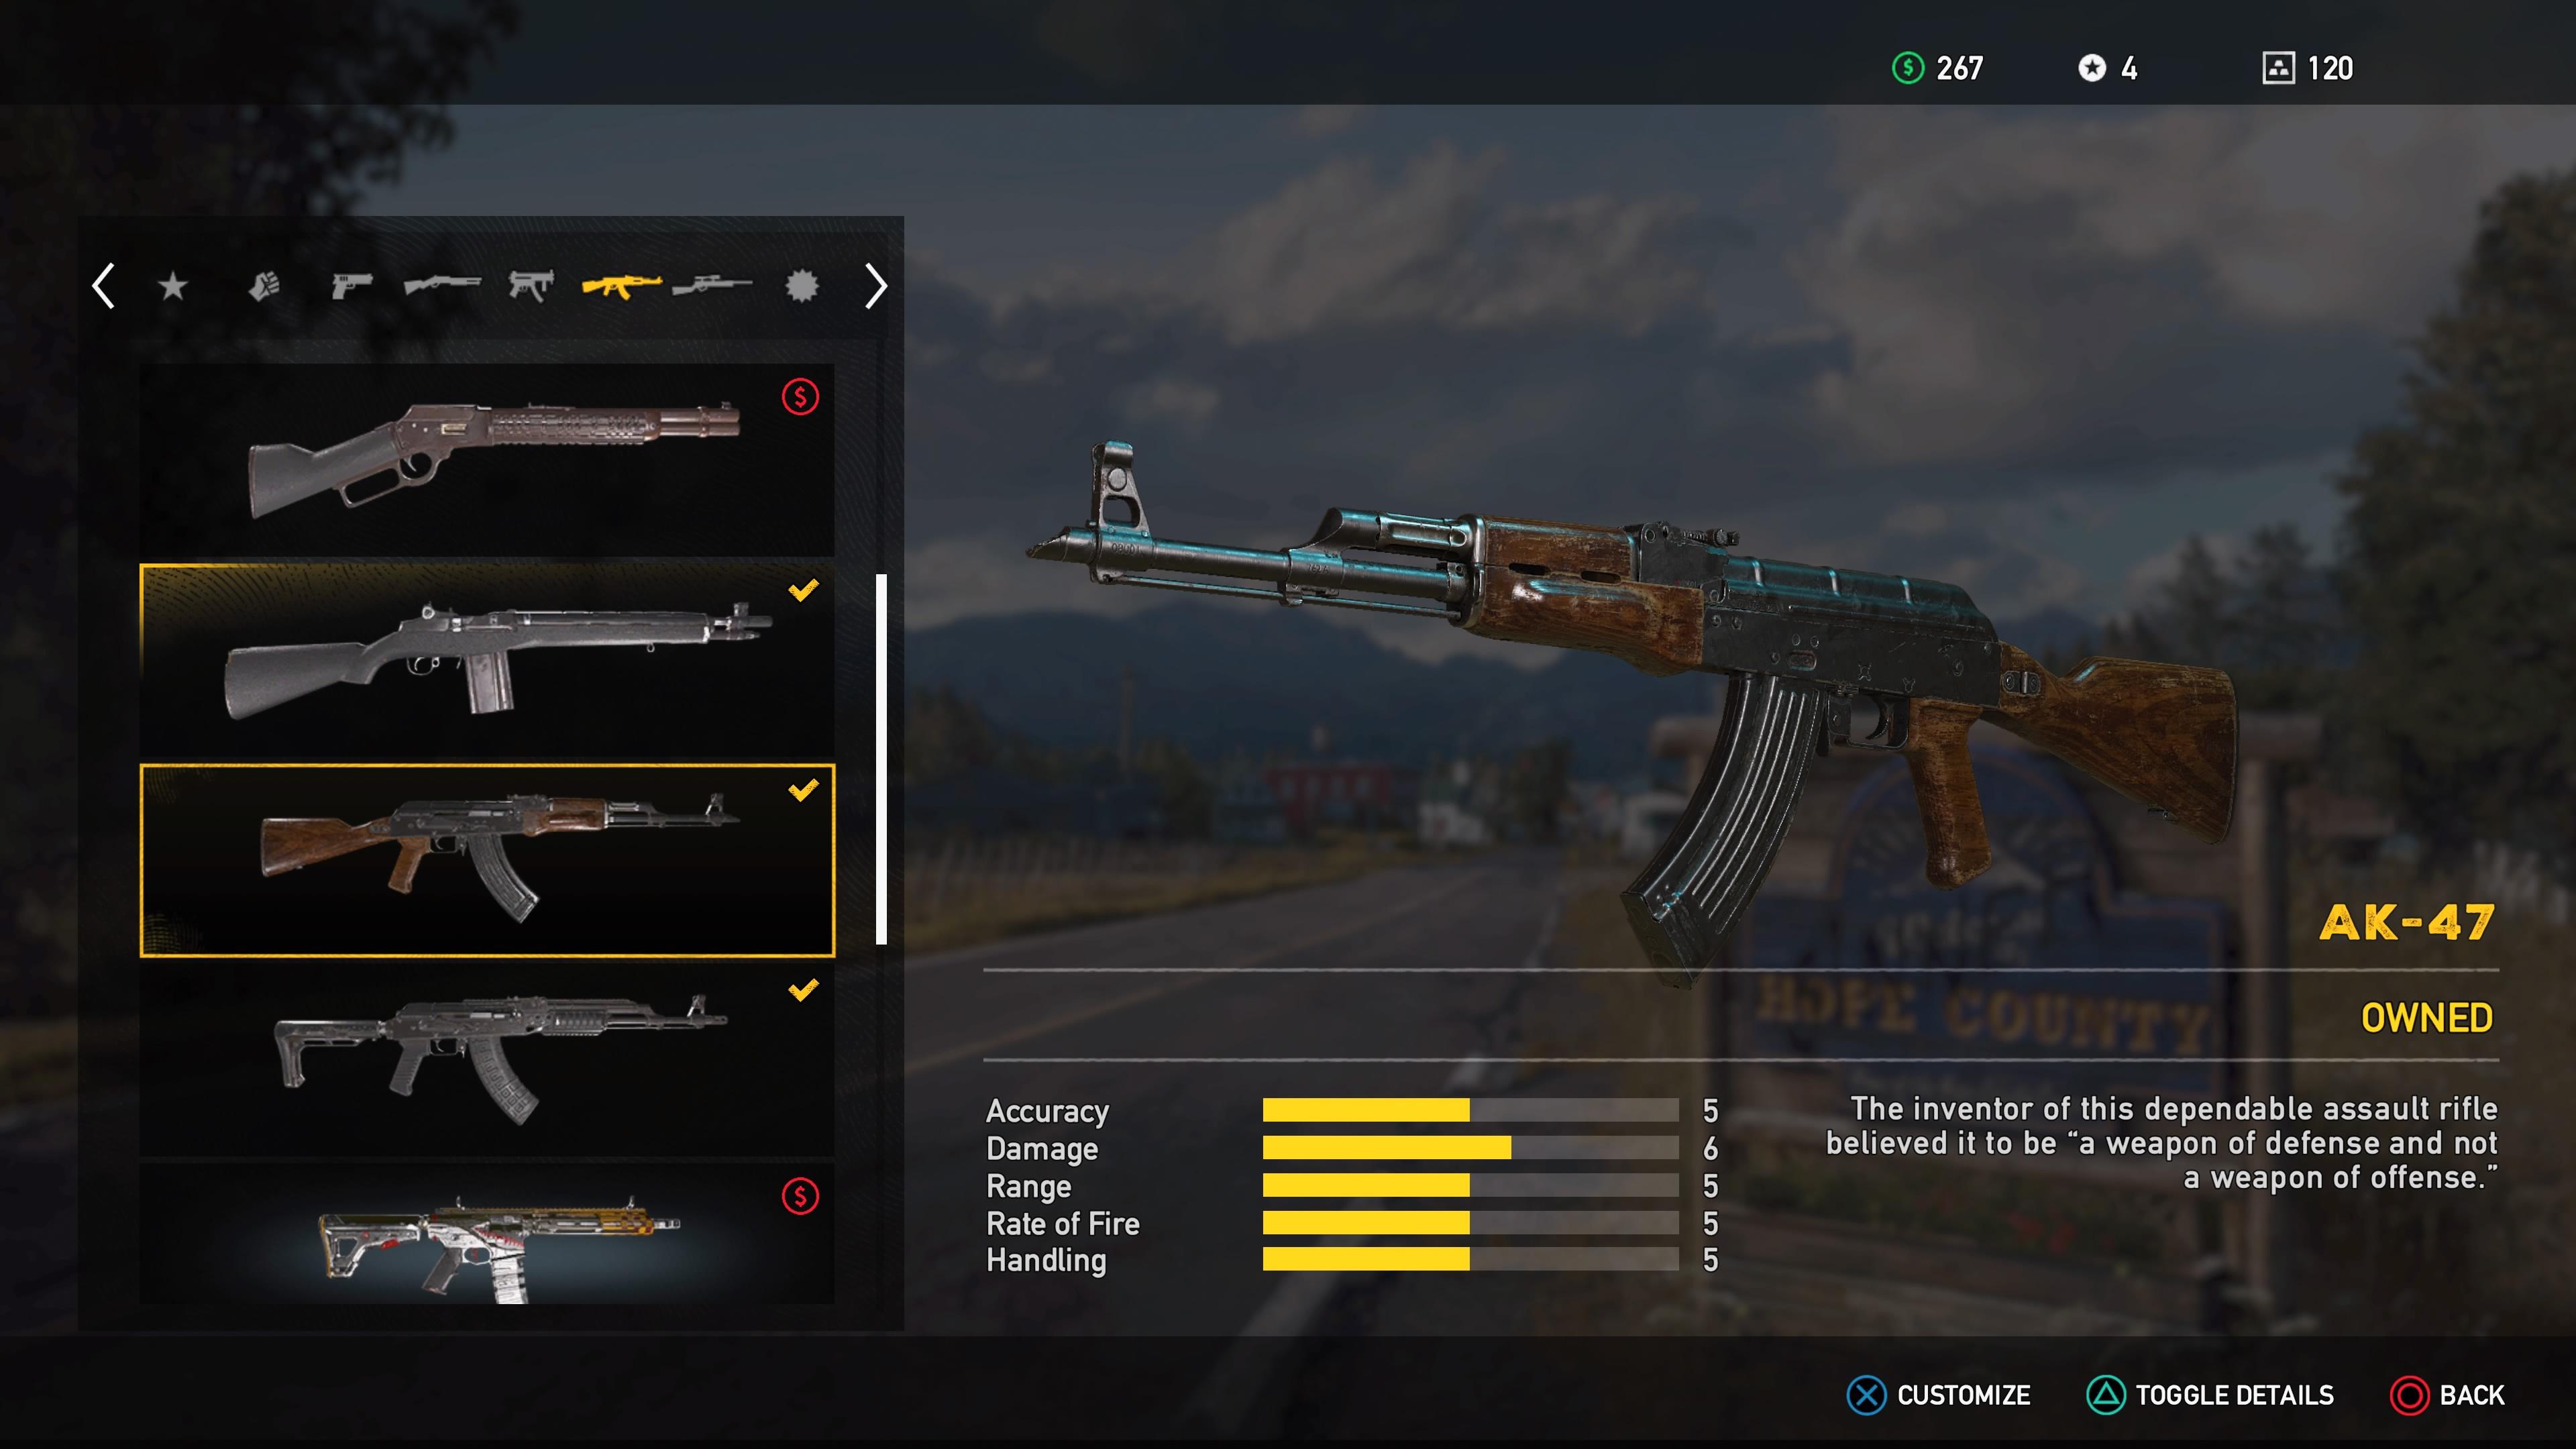 Far Cry 5 Weapons List: All Unlockable Melee, Sidearms